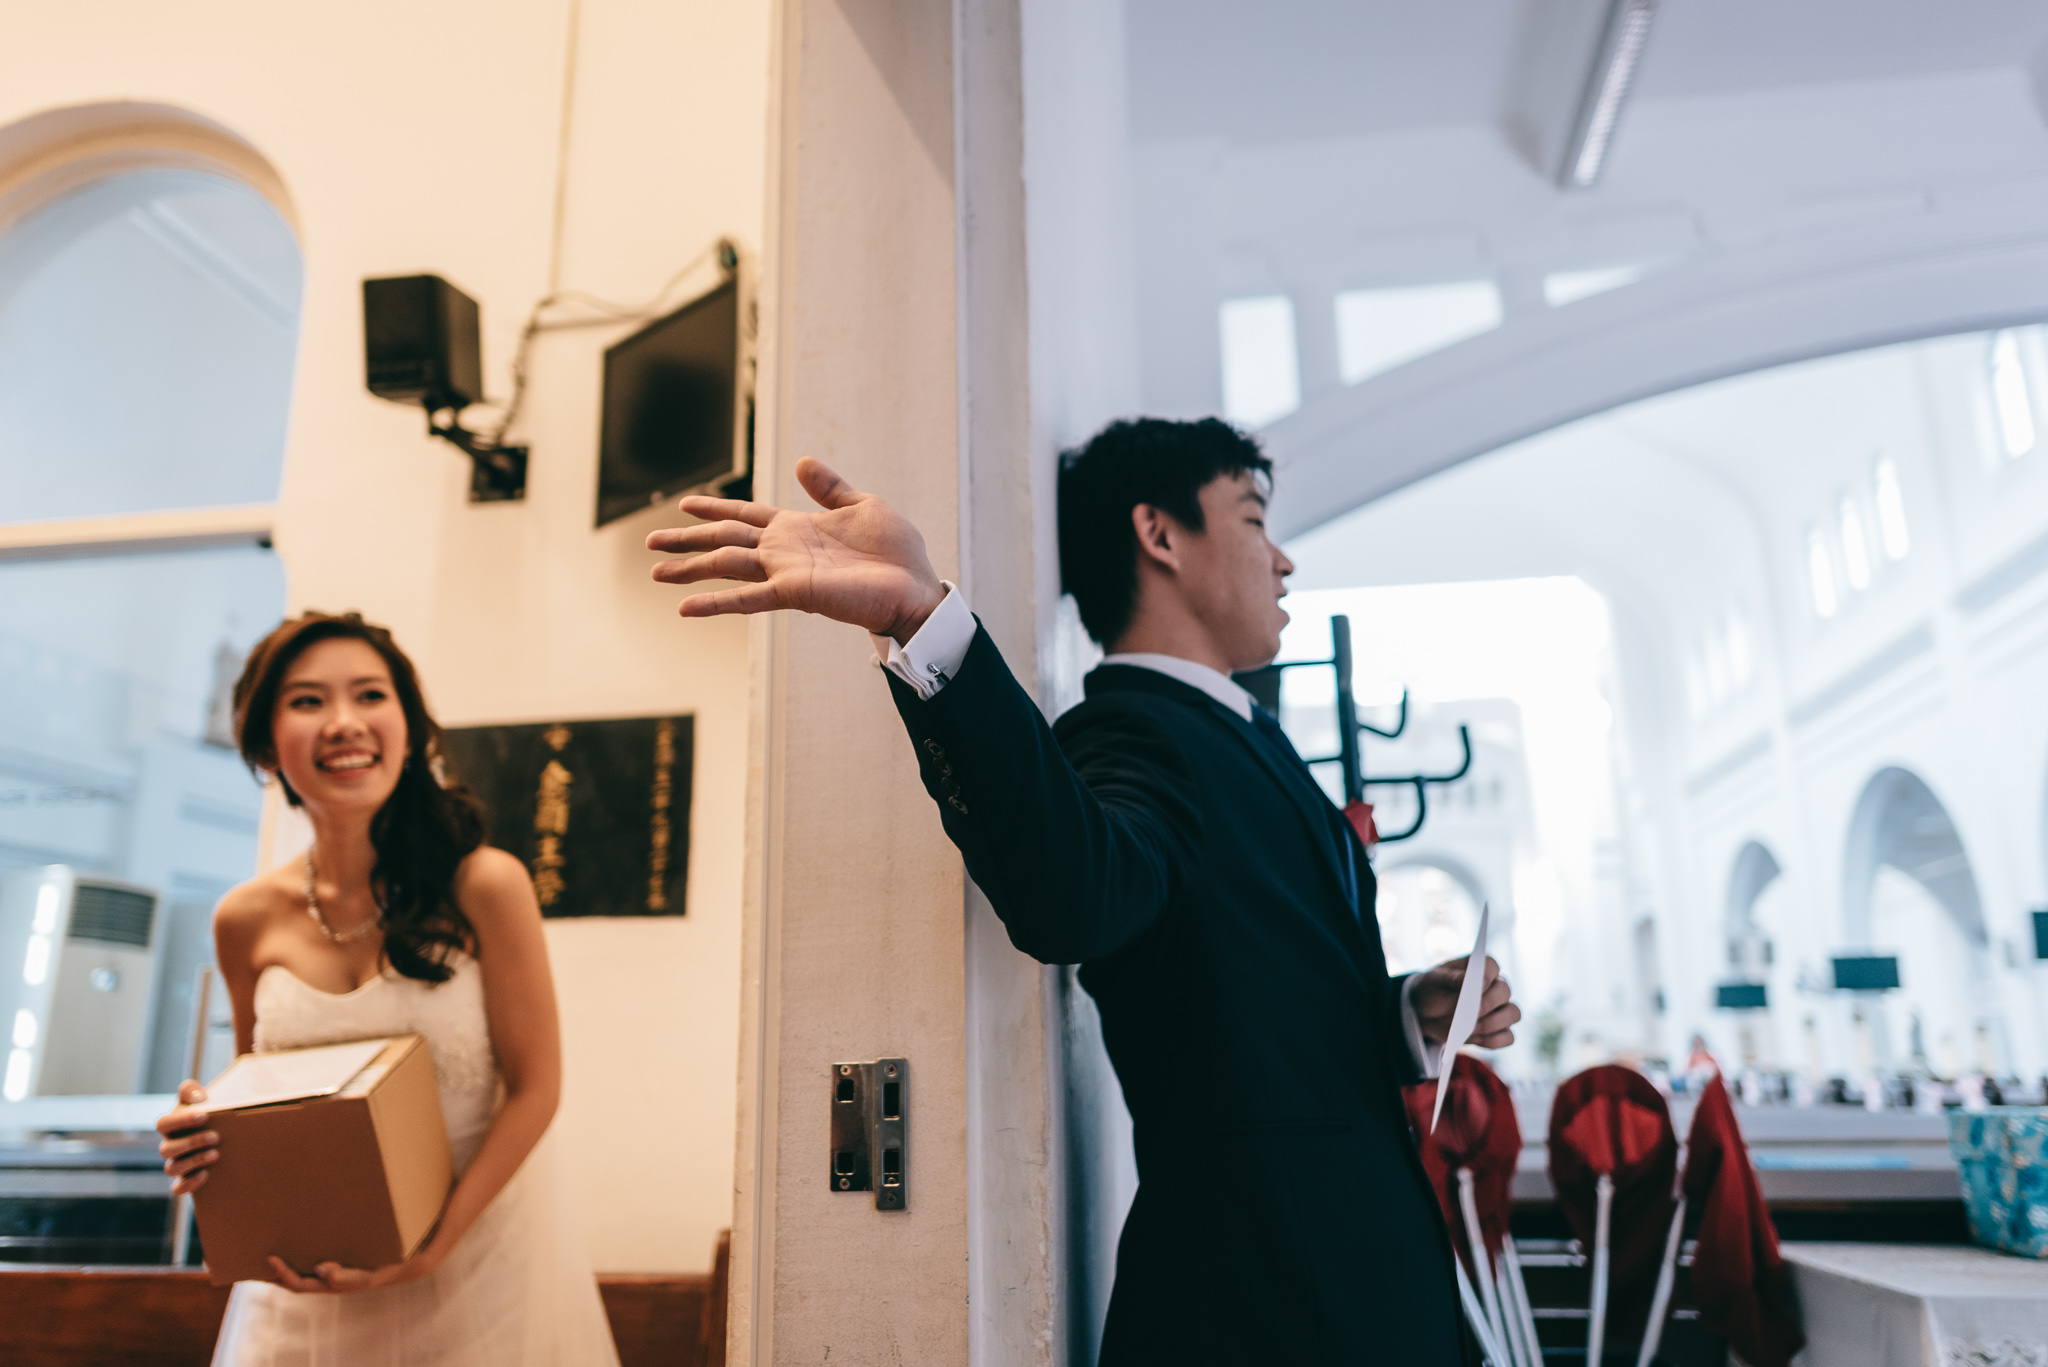 Lionel & Karen Wedding Day Highlights (resized for sharing) - 012.jpg